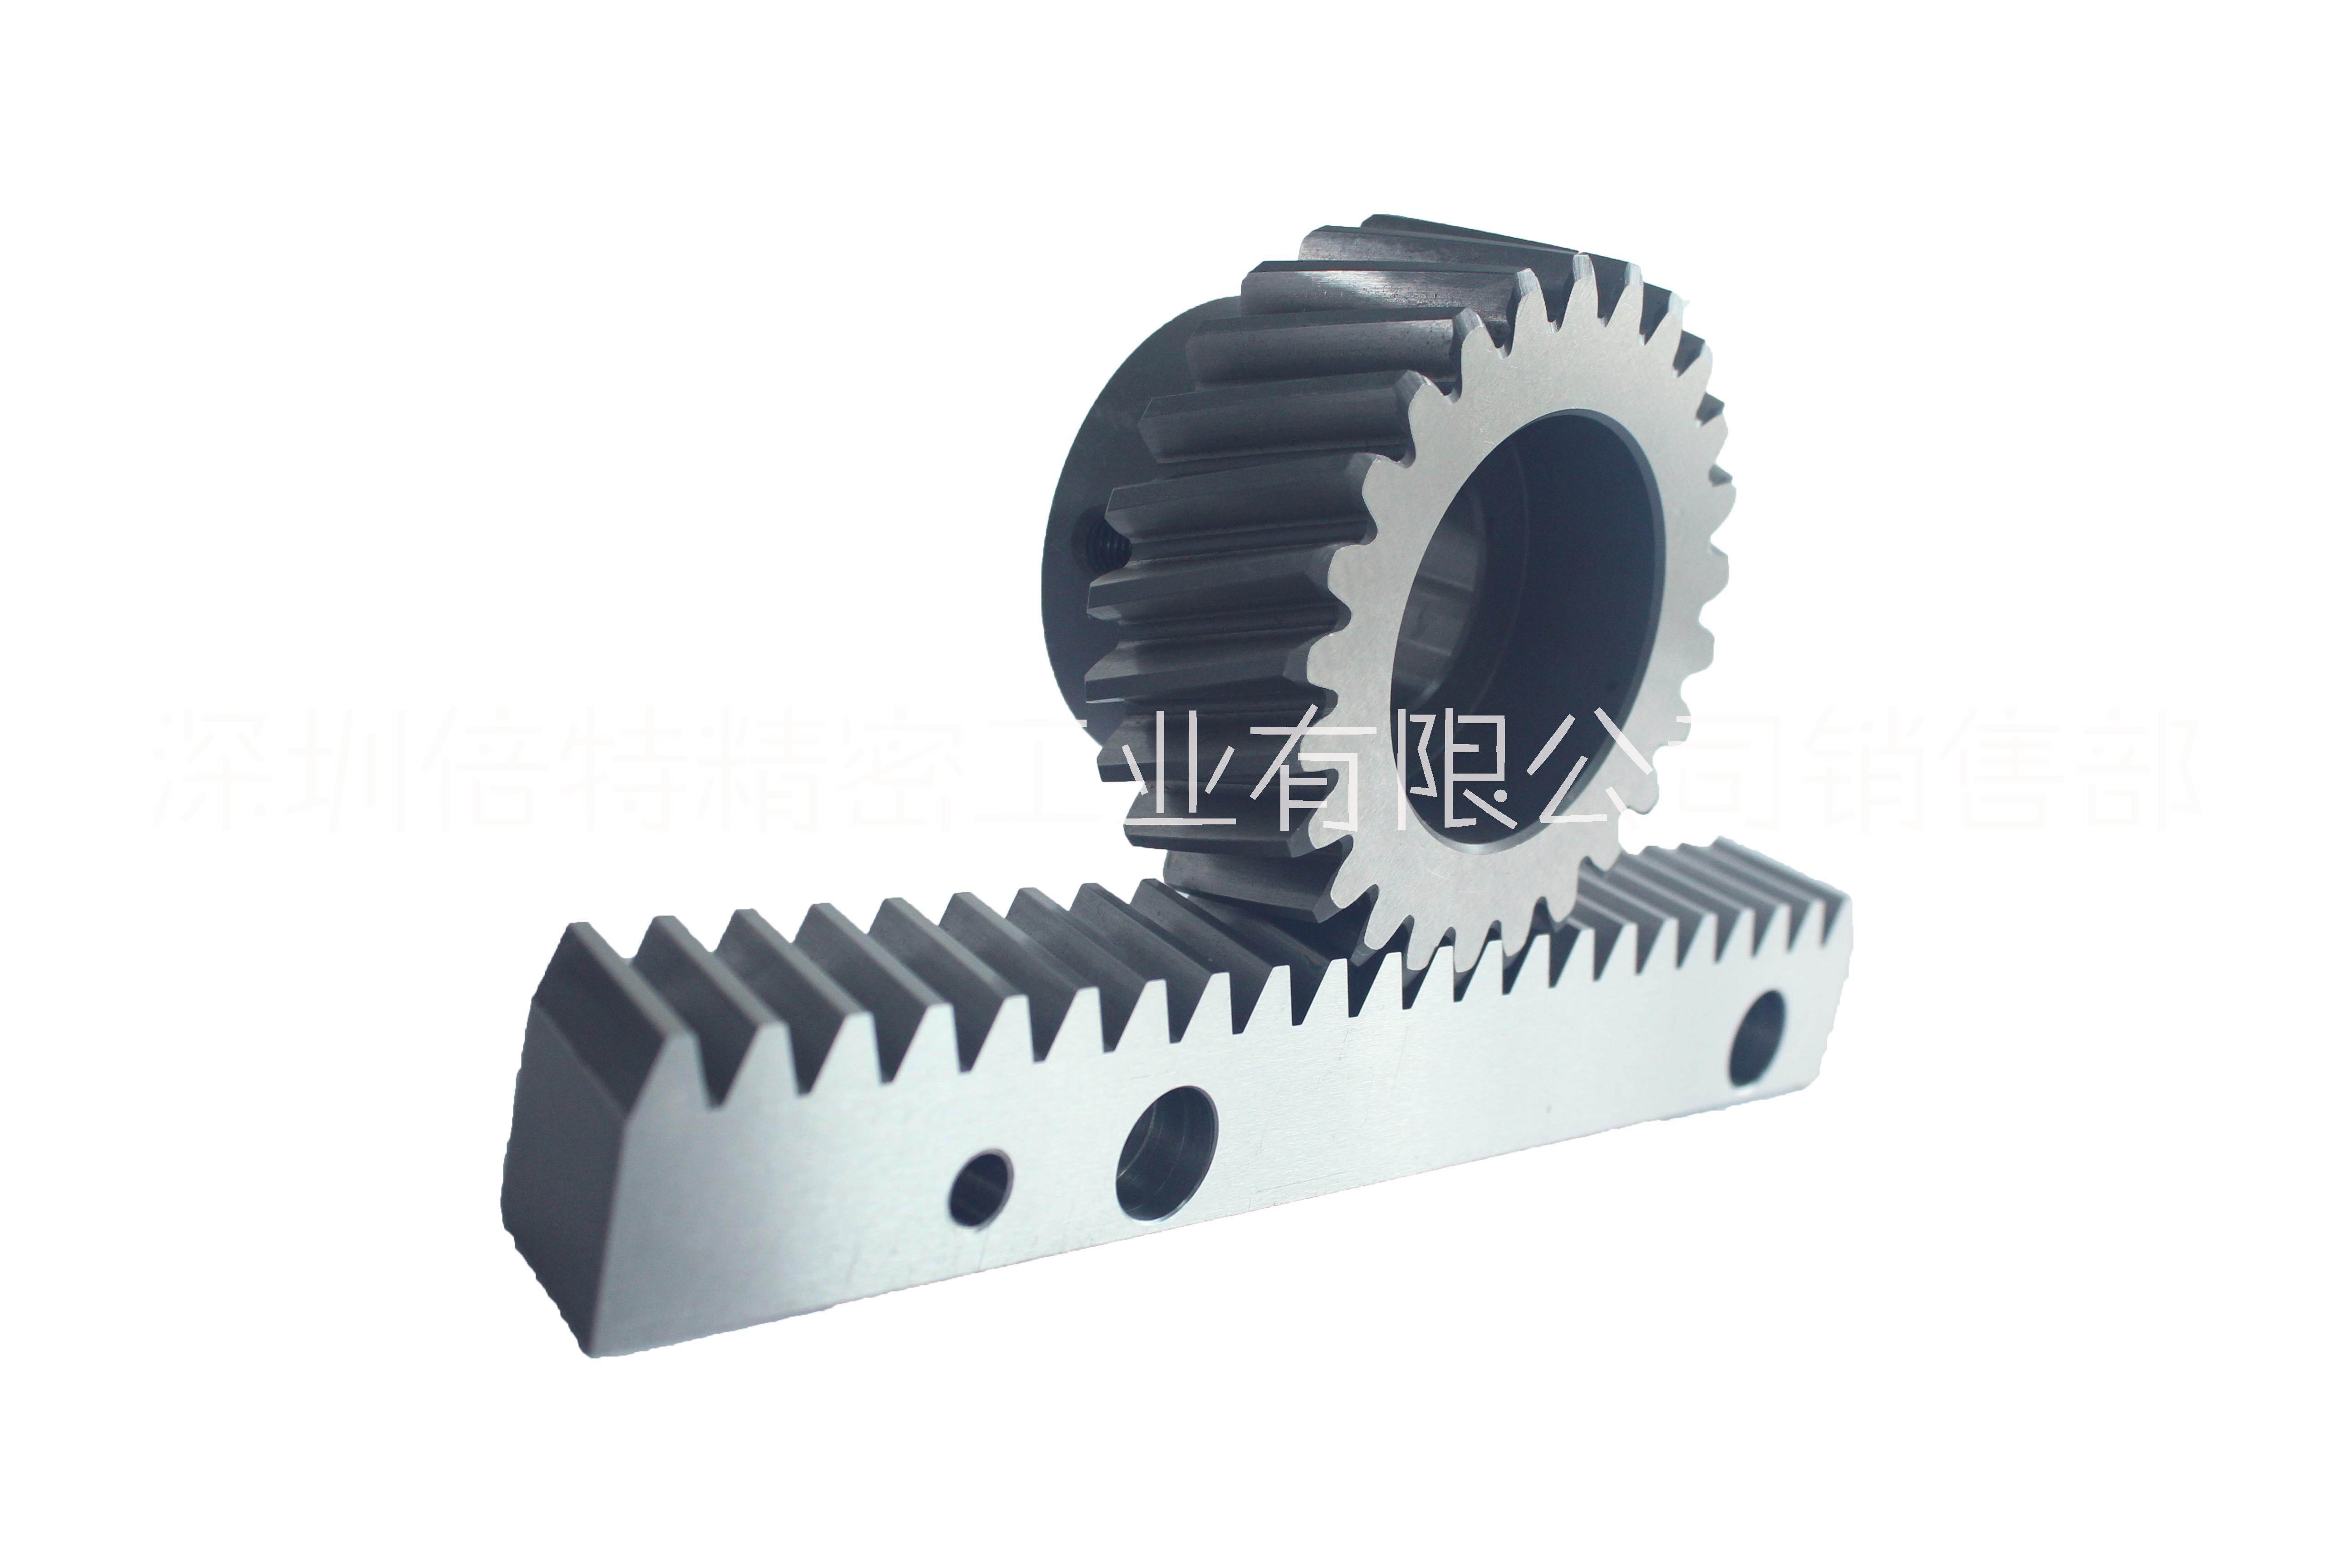 深圳市厂家直销齿轮箱齿条 齿条生产厂家 齿轮箱BHGH系列齿轮价格